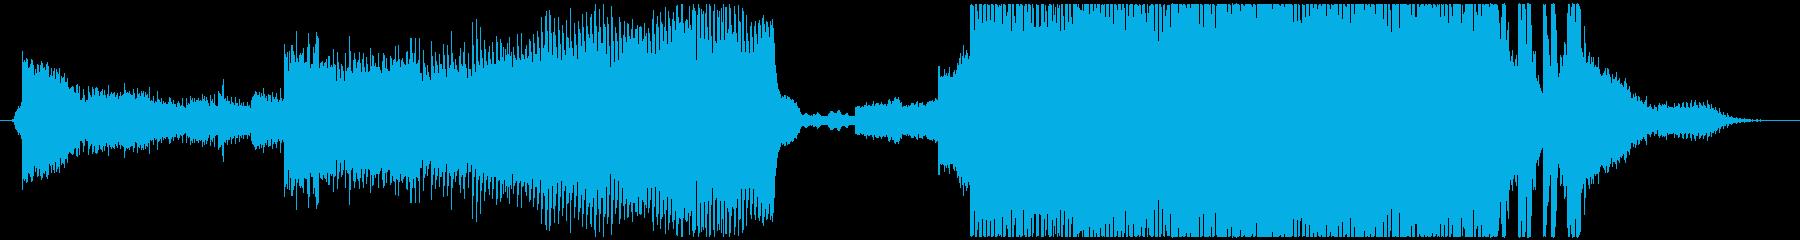 サイバーパンク・トレーラー風BGMの再生済みの波形